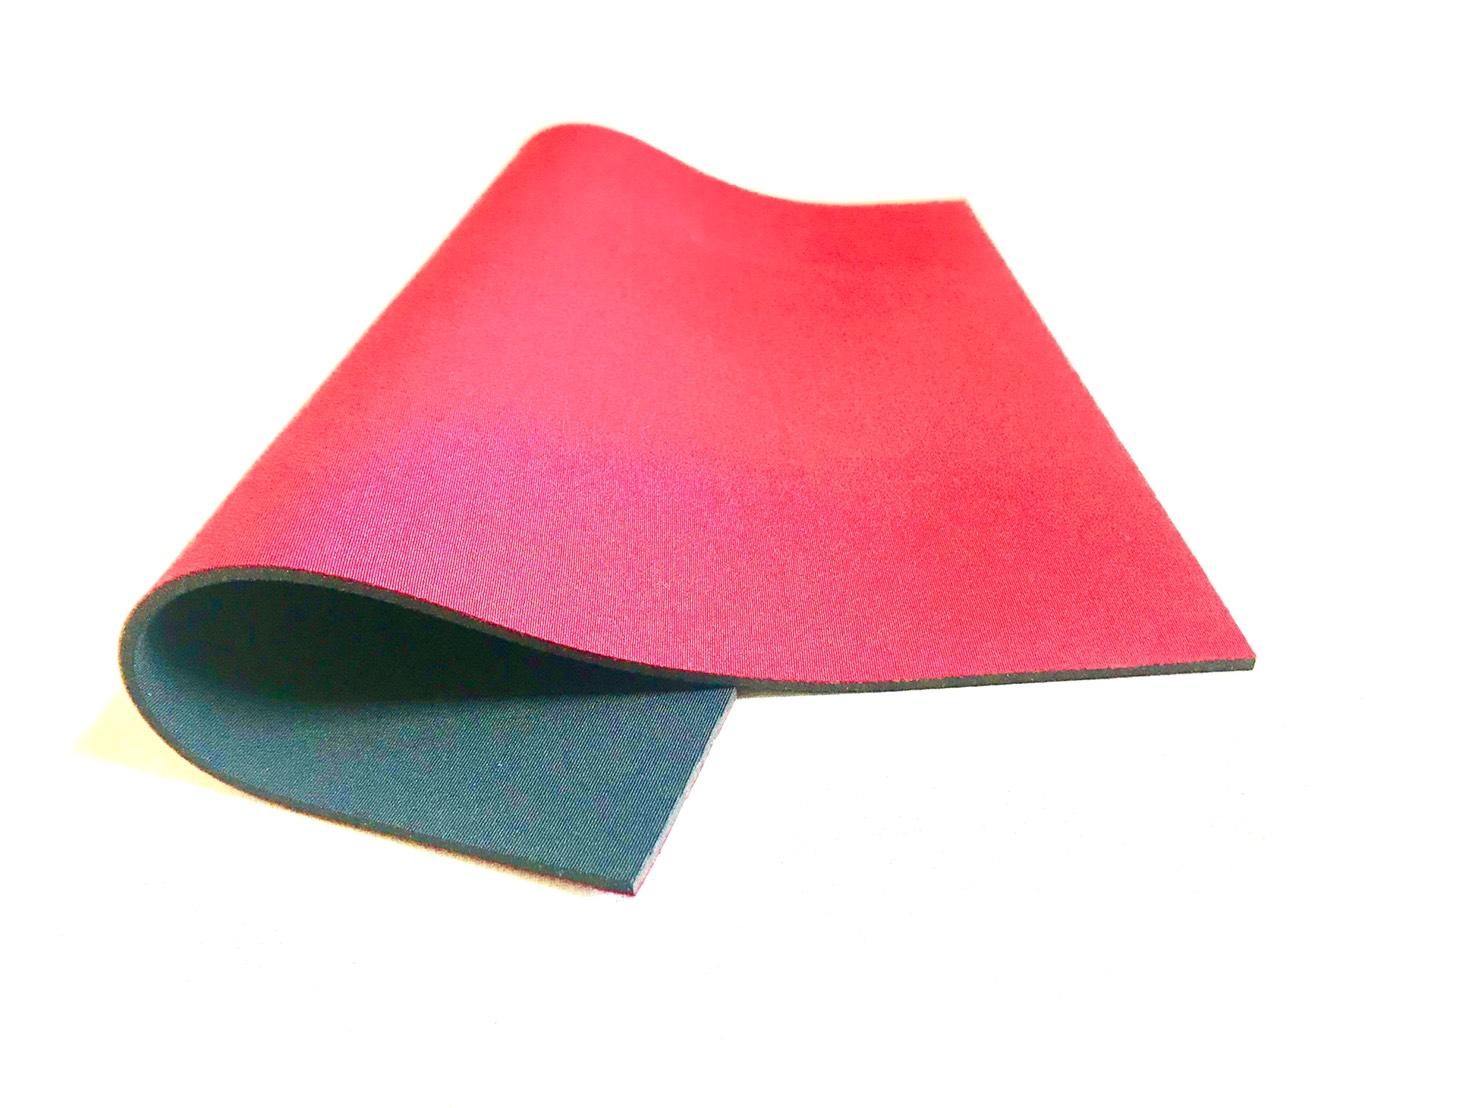 ネオプレーン生地両面ジャージ(カラー)2mm厚・110cm×60cm